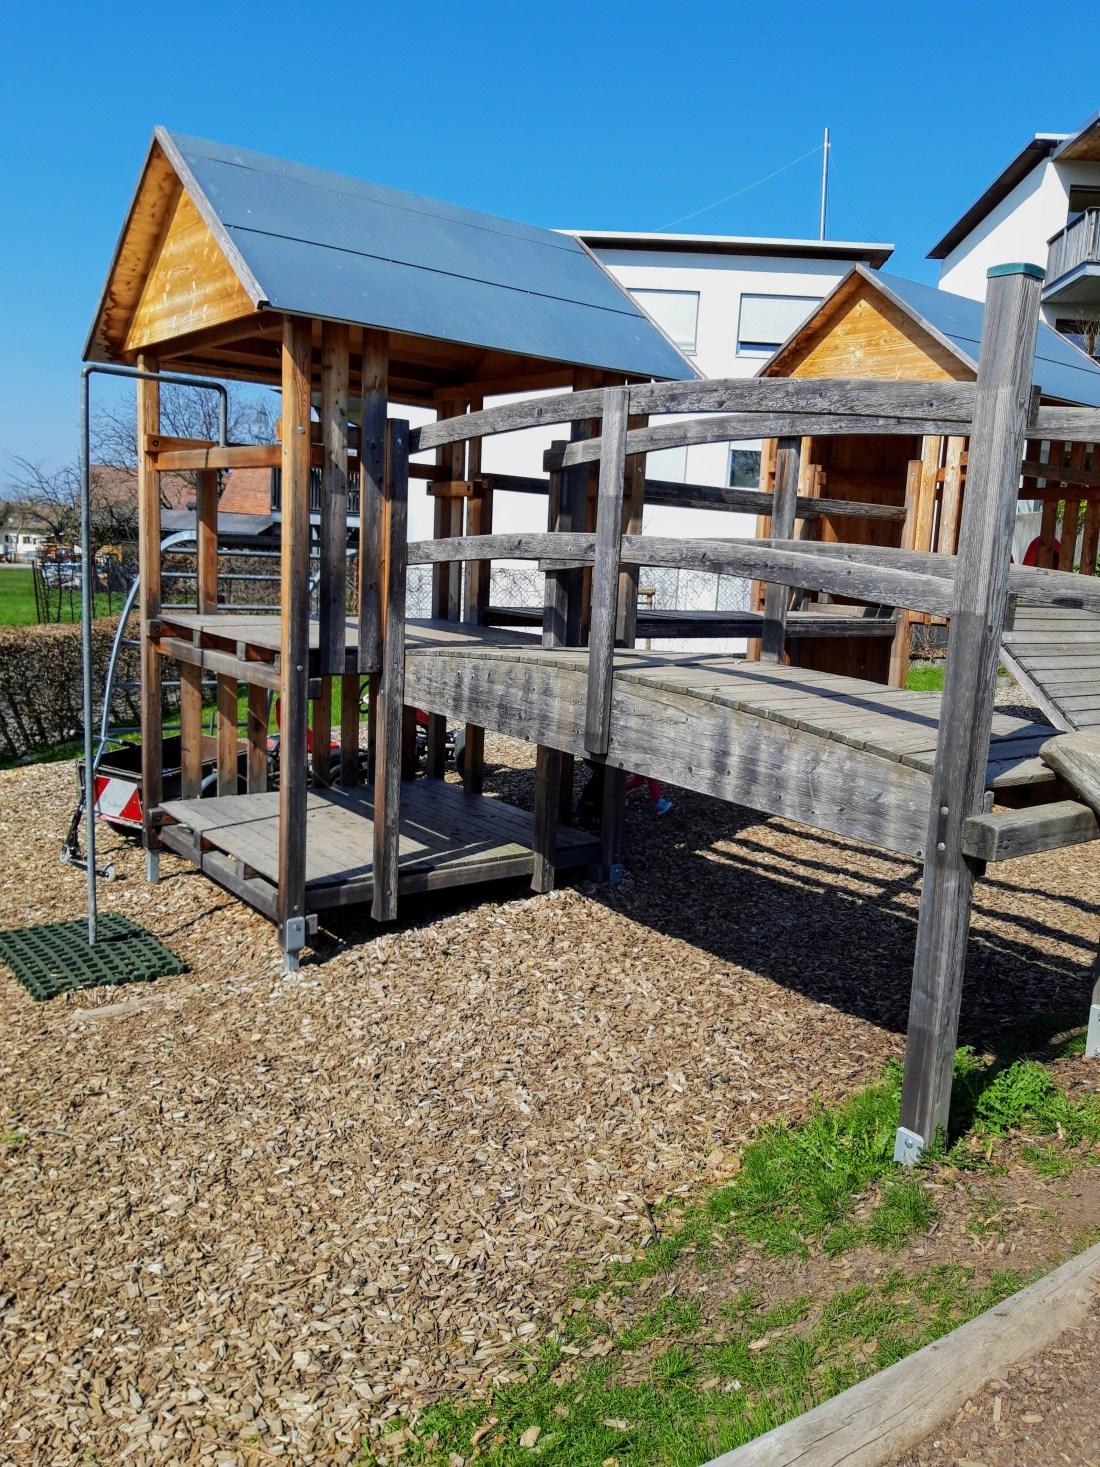 Rickenbach Wolfurt, Spielplatz vorarlberg, welcher ist der Beste Spielplatz in Vorarlberg?, Tssok, wandern mit kindern in vorarlberg, freizeitspaß, wohin heute, was mit den kindern unternehmen